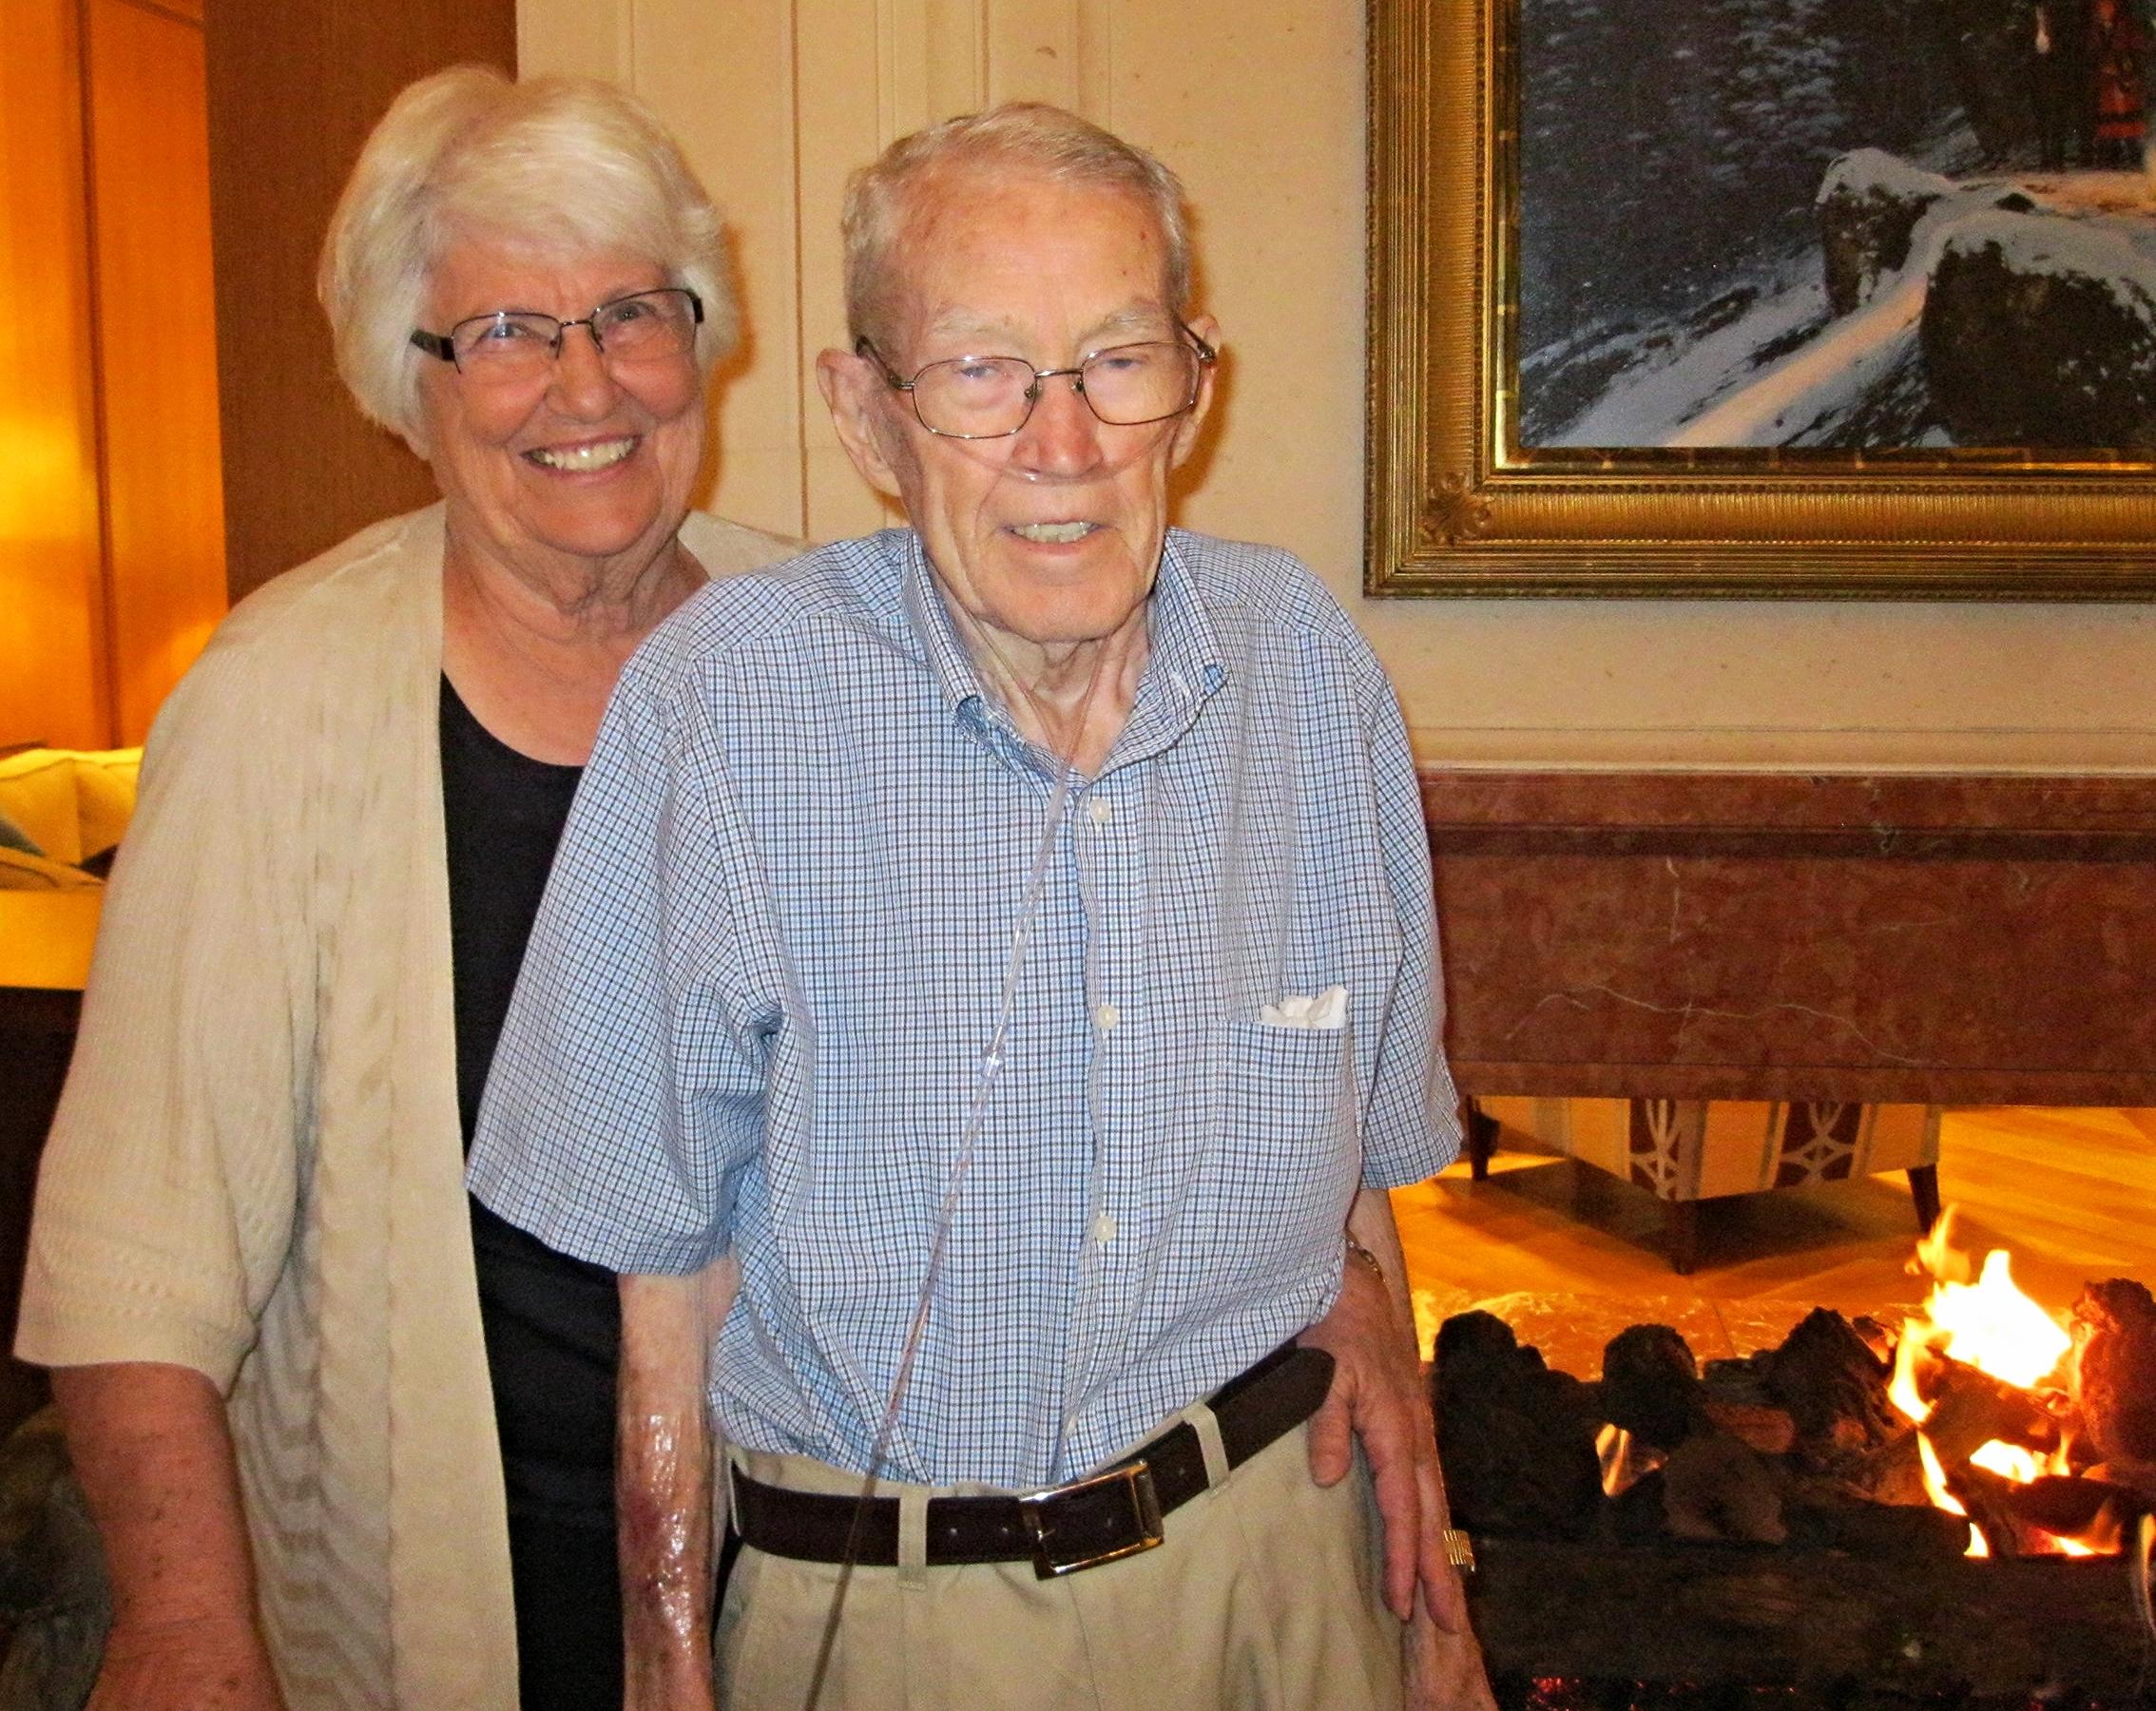 Celebrating 61 Years